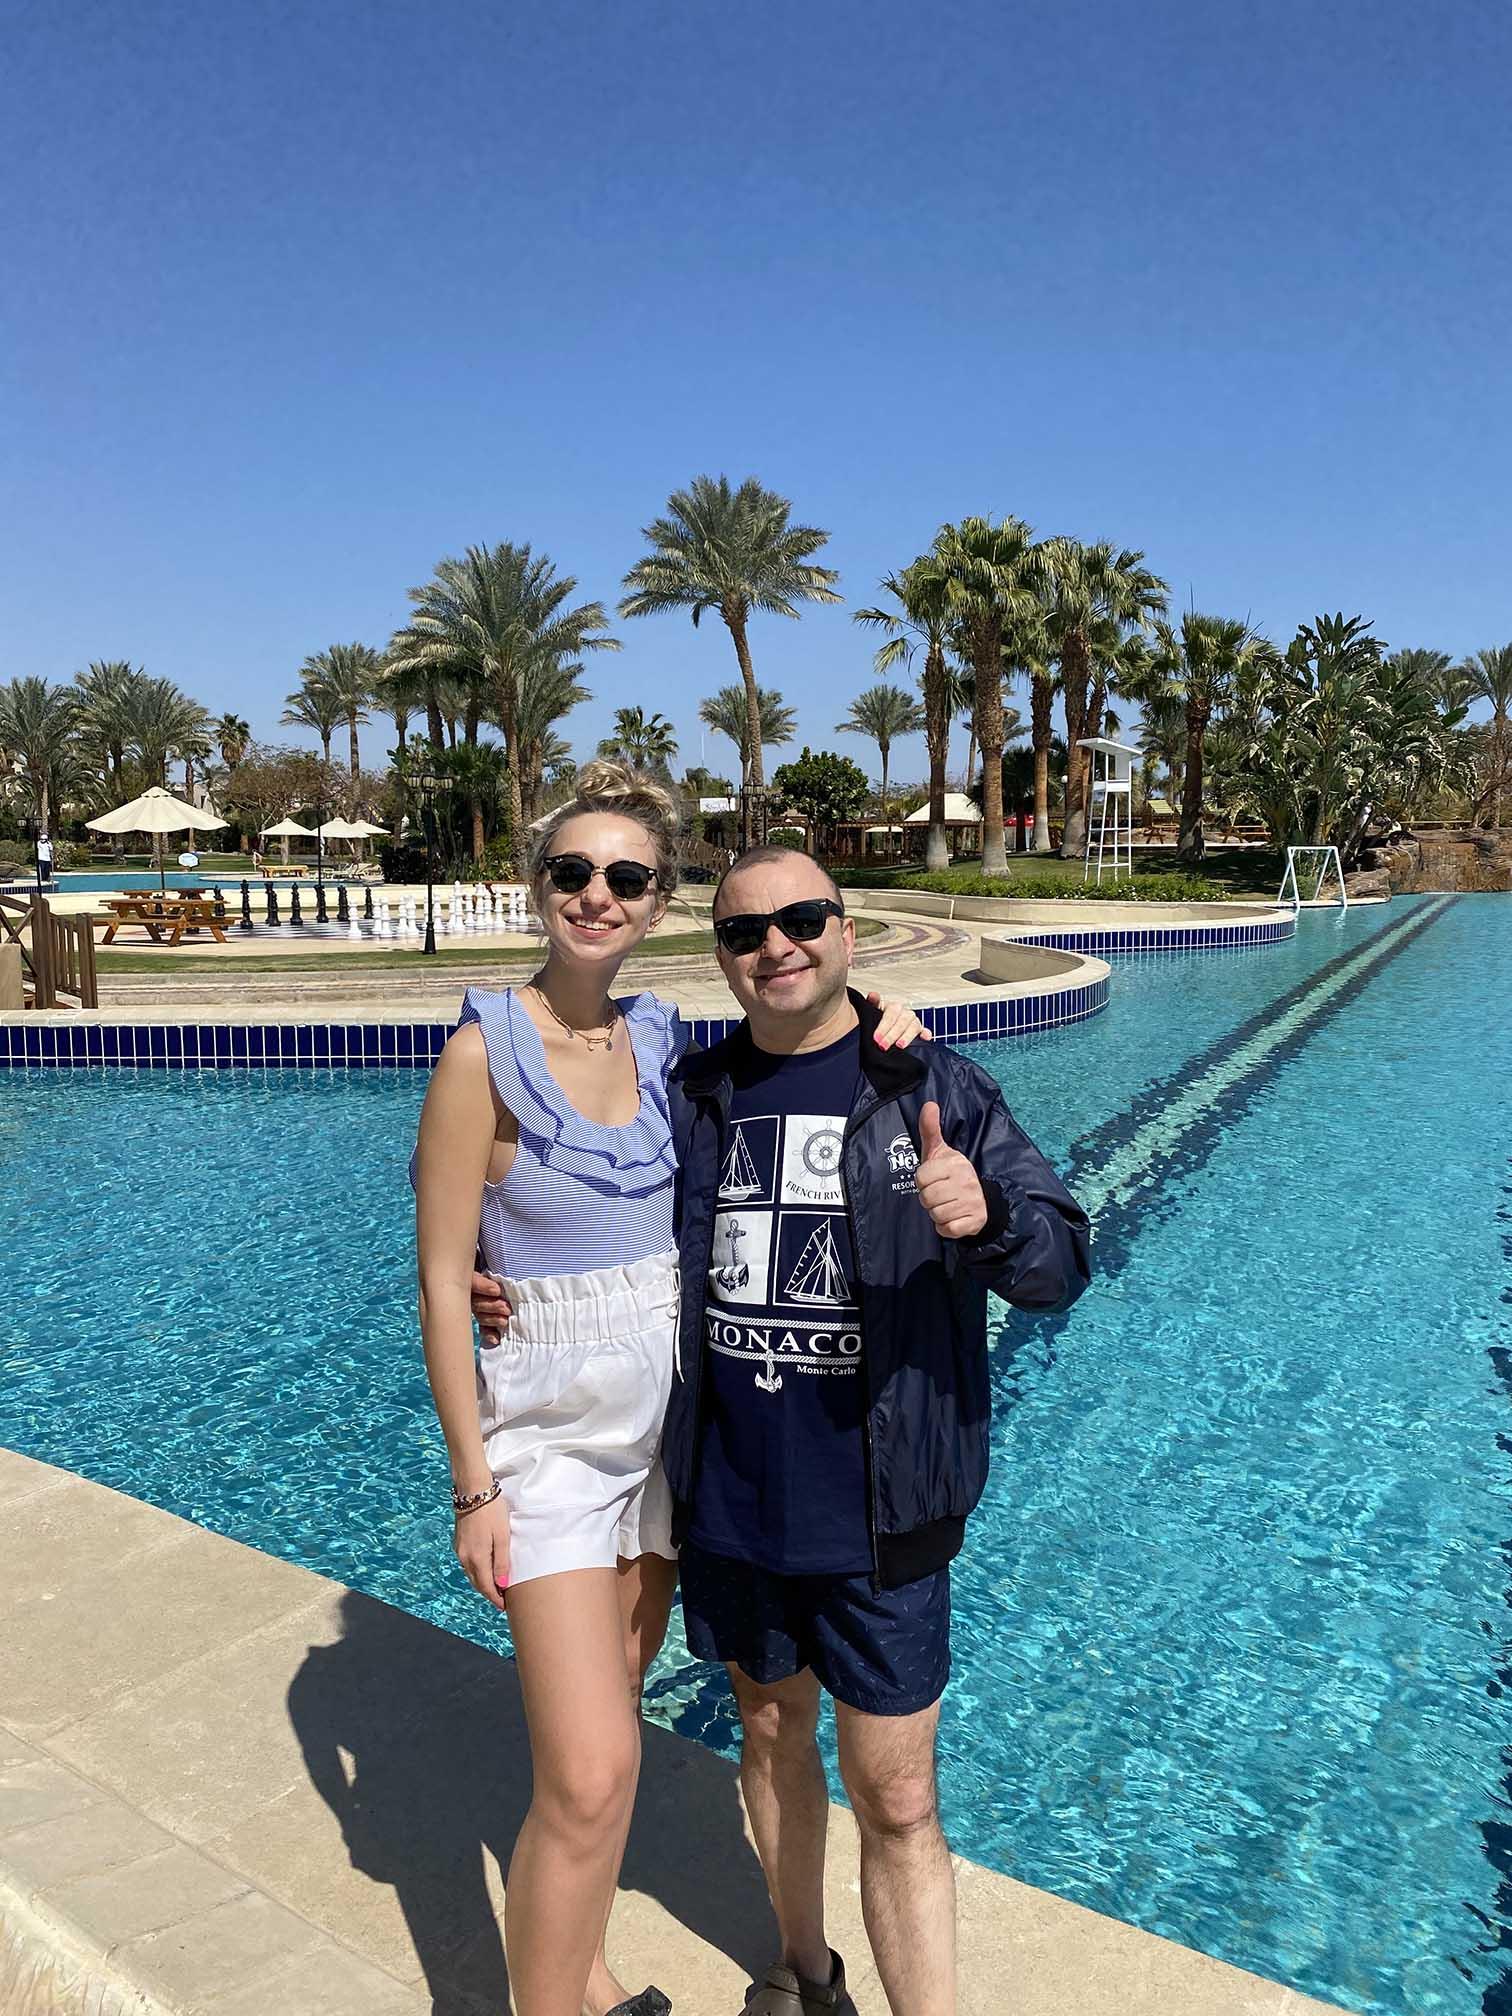 Виктор Павлик с женой Екатериной рассказали про безопасный отдых в Египте (ФОТО) — фото 1